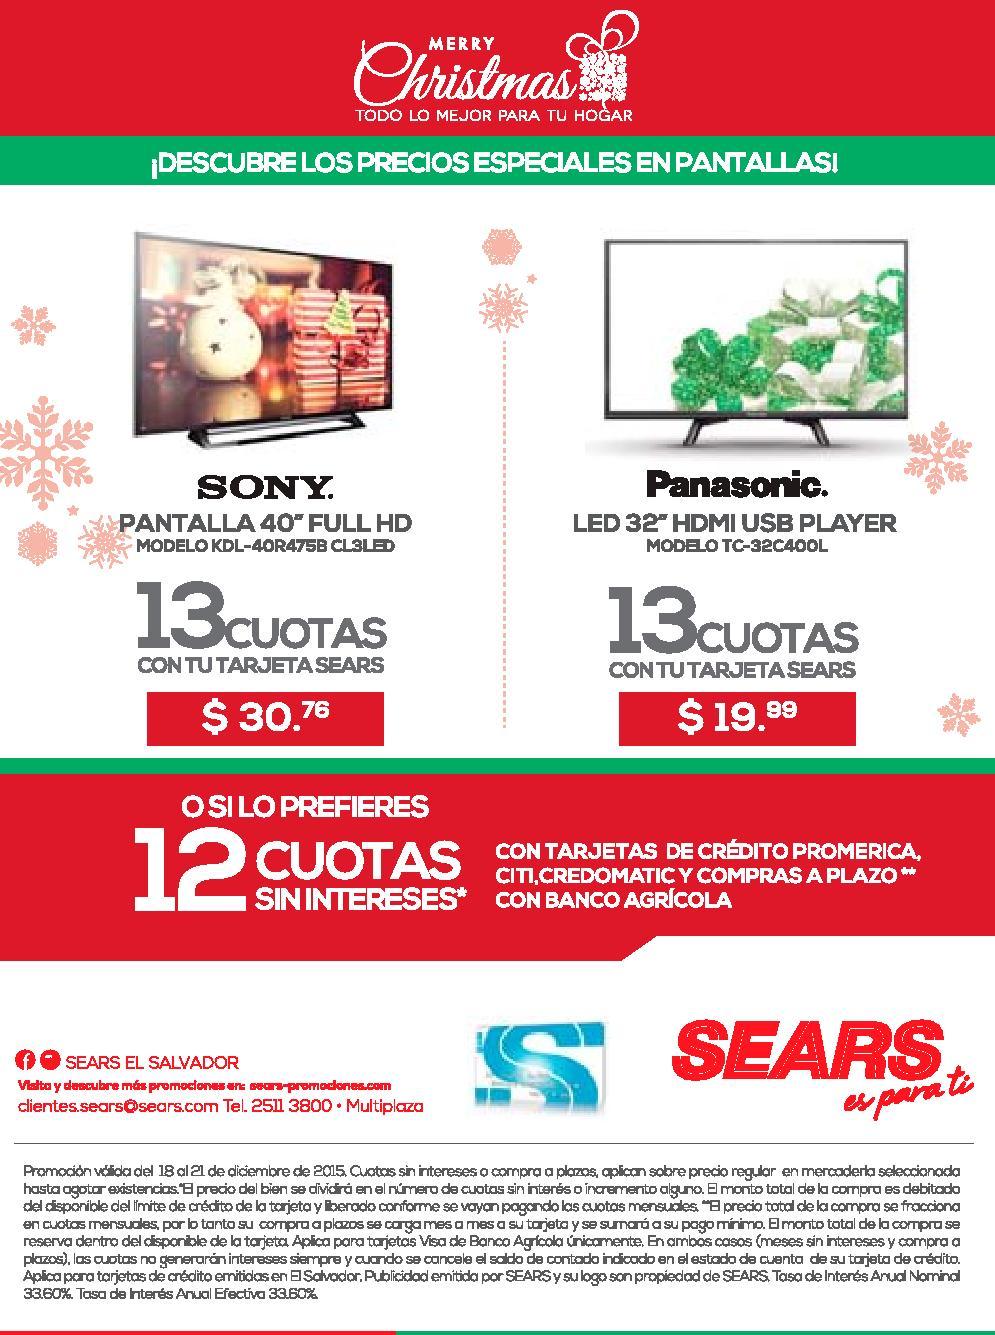 Promociones SEARS el salvador pantallas sony y panasonic